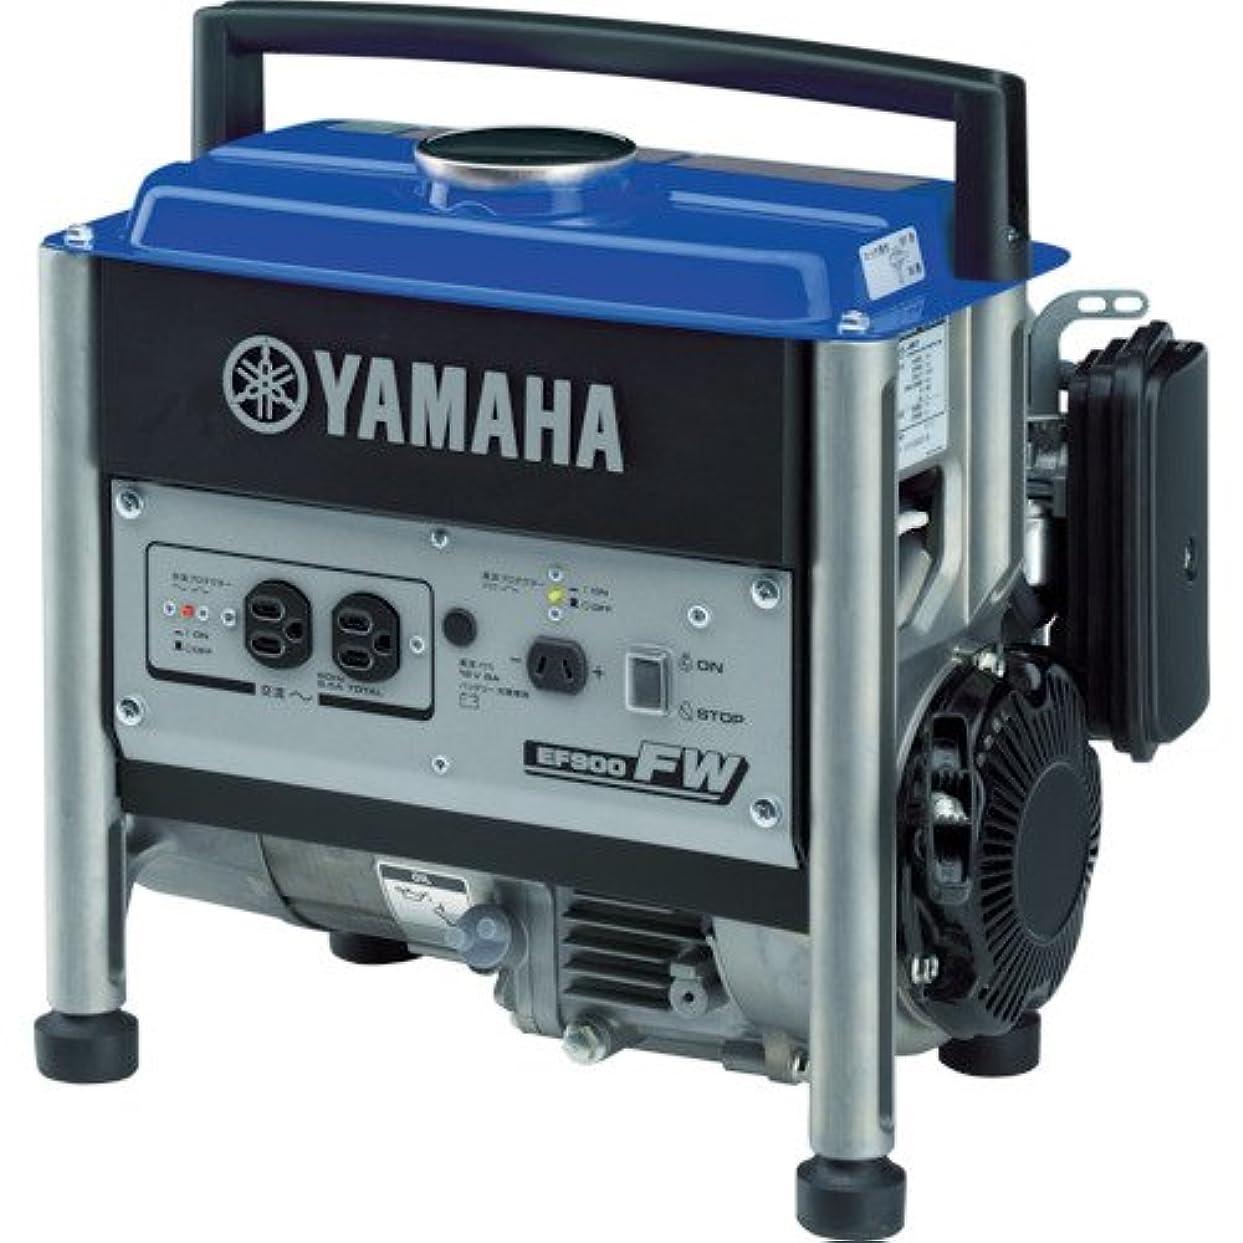 農業のアナリスト促すヤマハ 発電機 50HZ 東日本地域専用 EF900FW